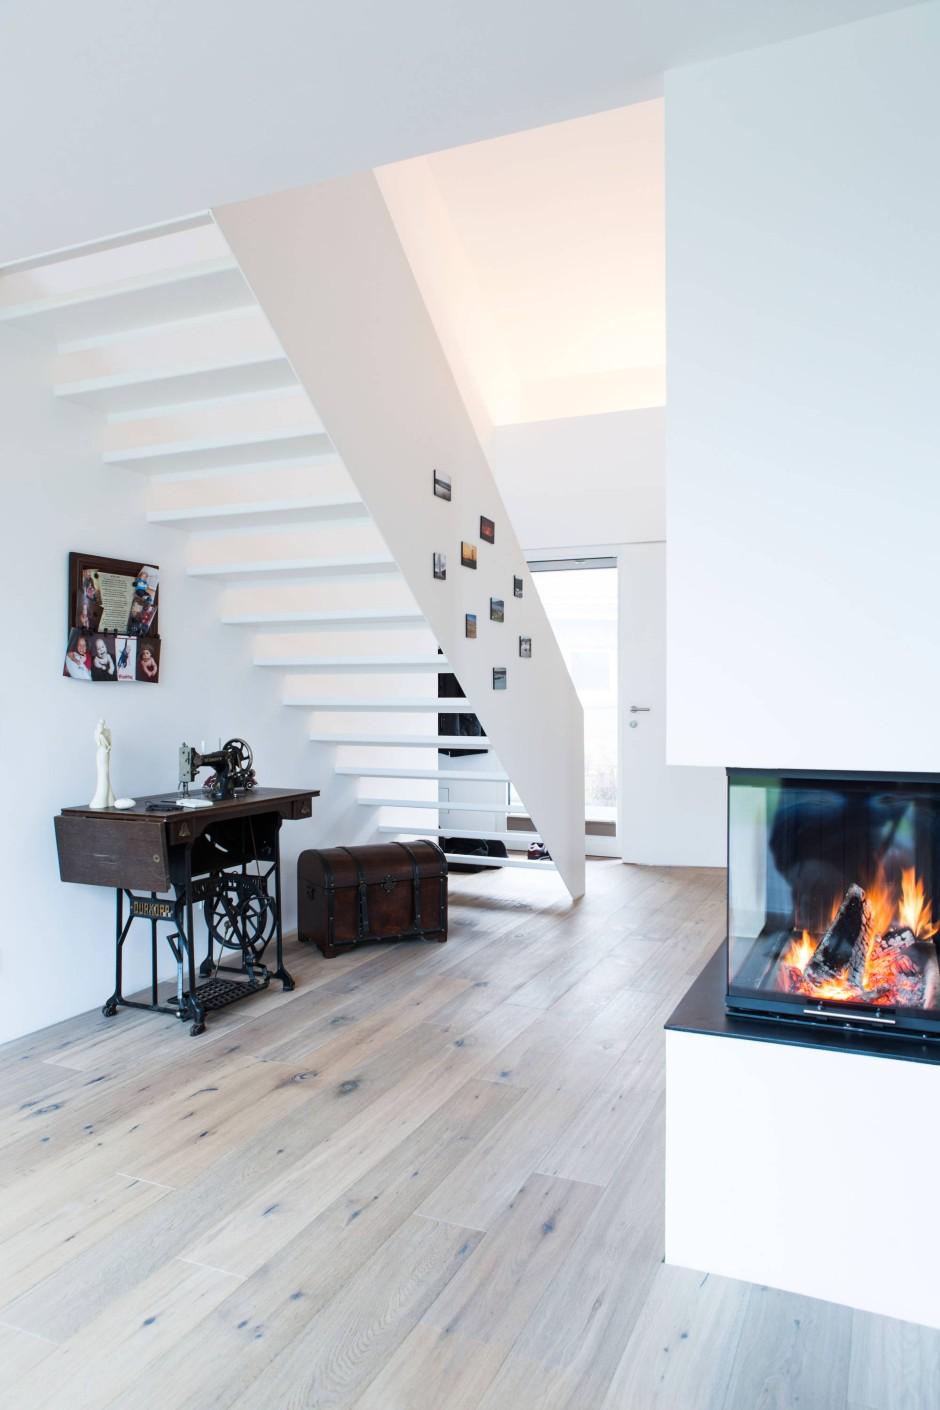 bilderstrecke zu neubau auf dem land bild 4 von 8 faz. Black Bedroom Furniture Sets. Home Design Ideas